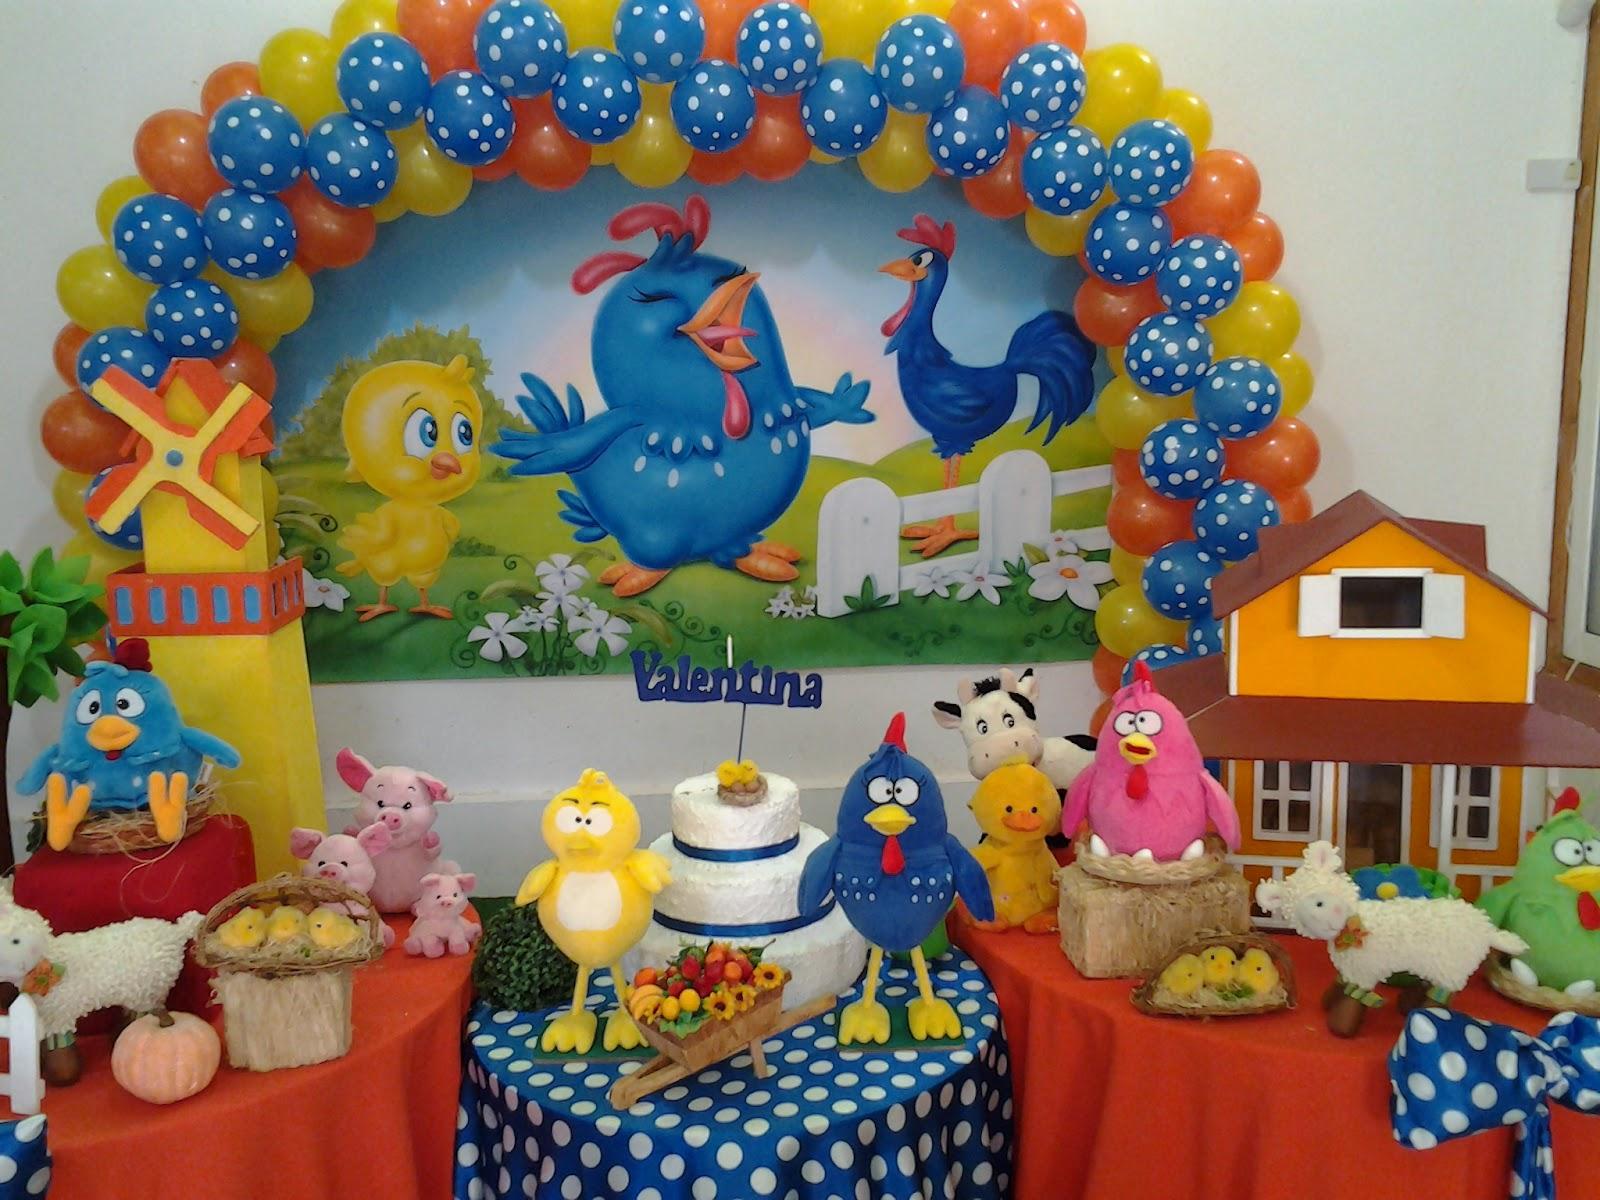 L m eventos e decora es junho 2013 for Decoracion infantil barata